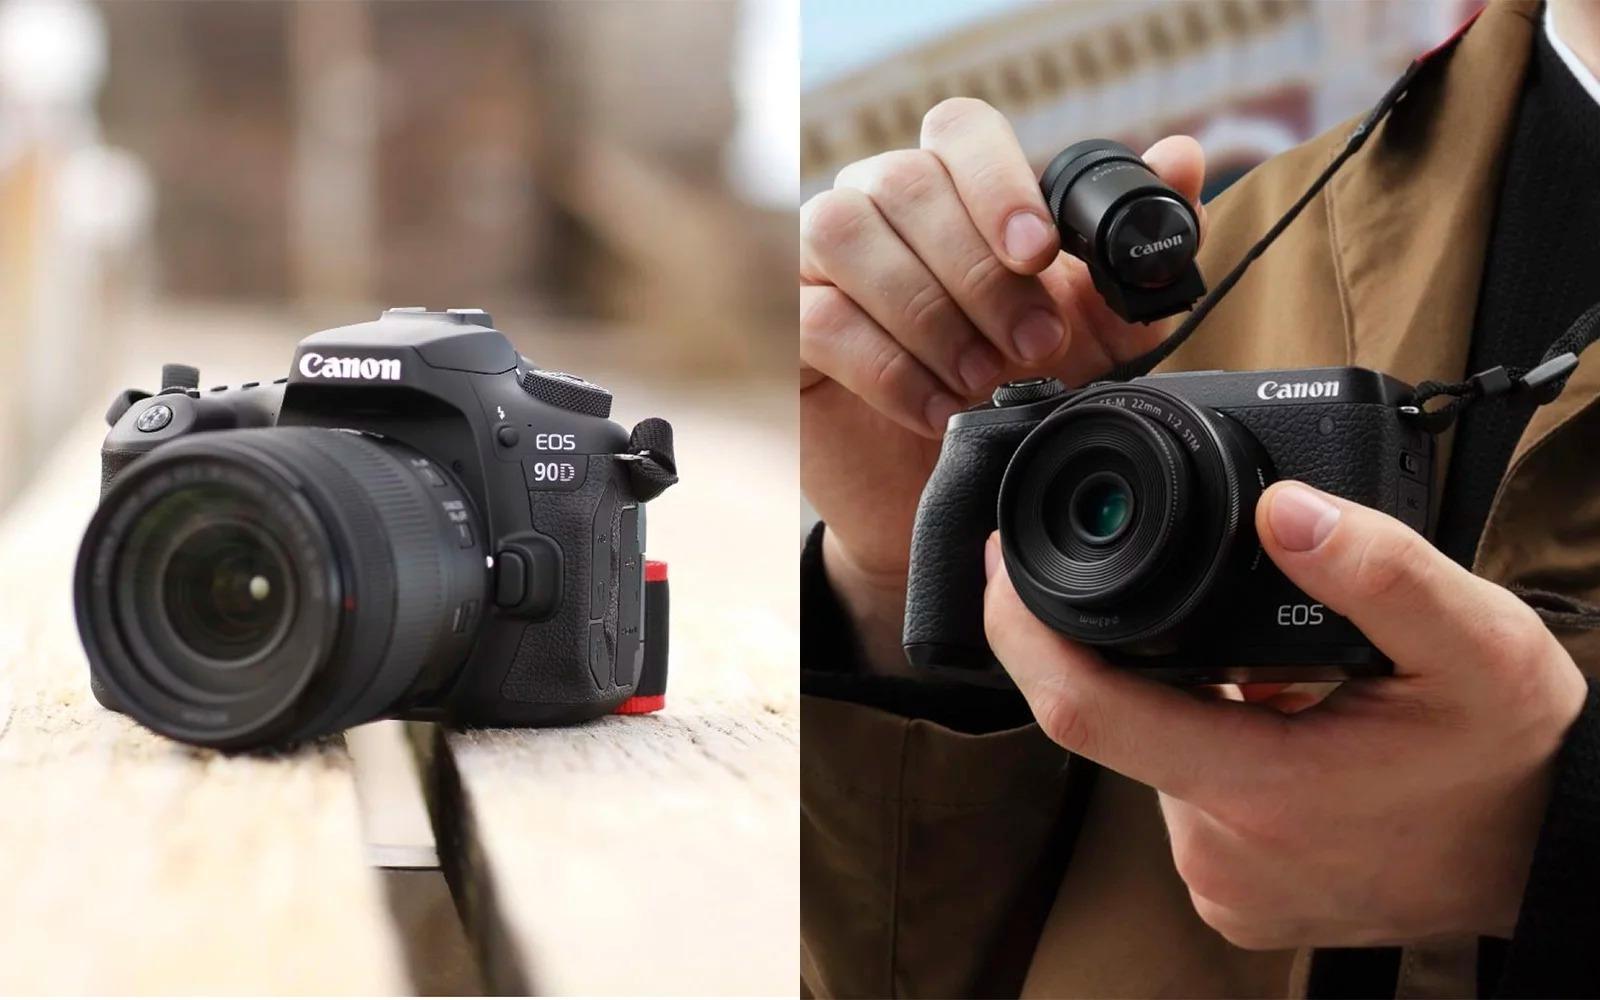 Rò rỉ bộ đôi máy ảnh DSLR EOS 90D và mirrorless EOS M6 sắp ra mắt của Canon